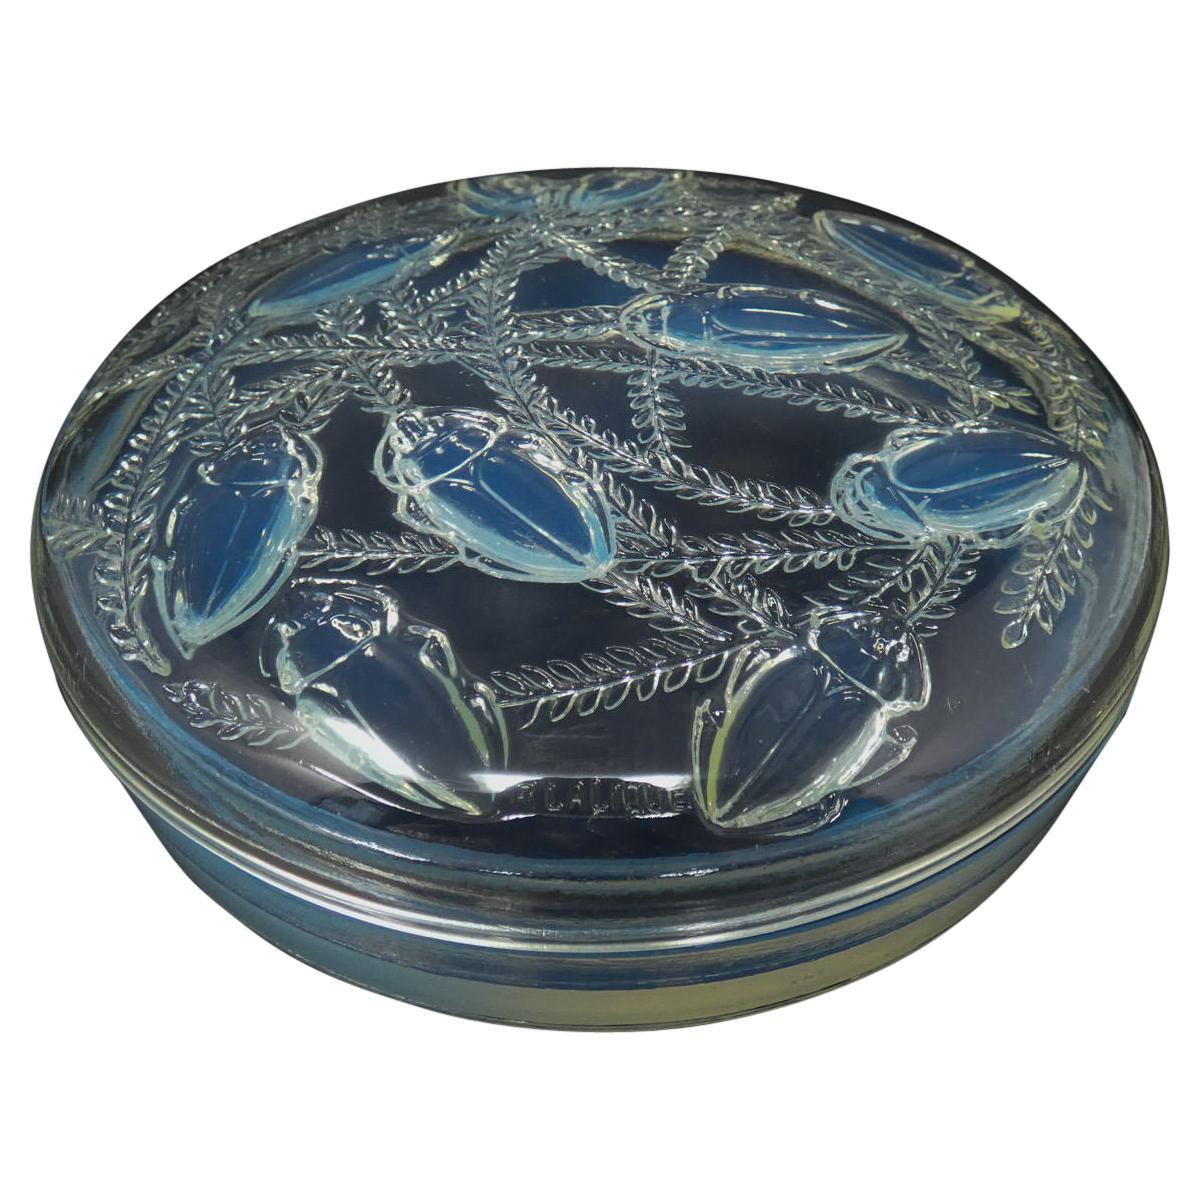 René Lalique Opalescent Glass 'Cleones' Box